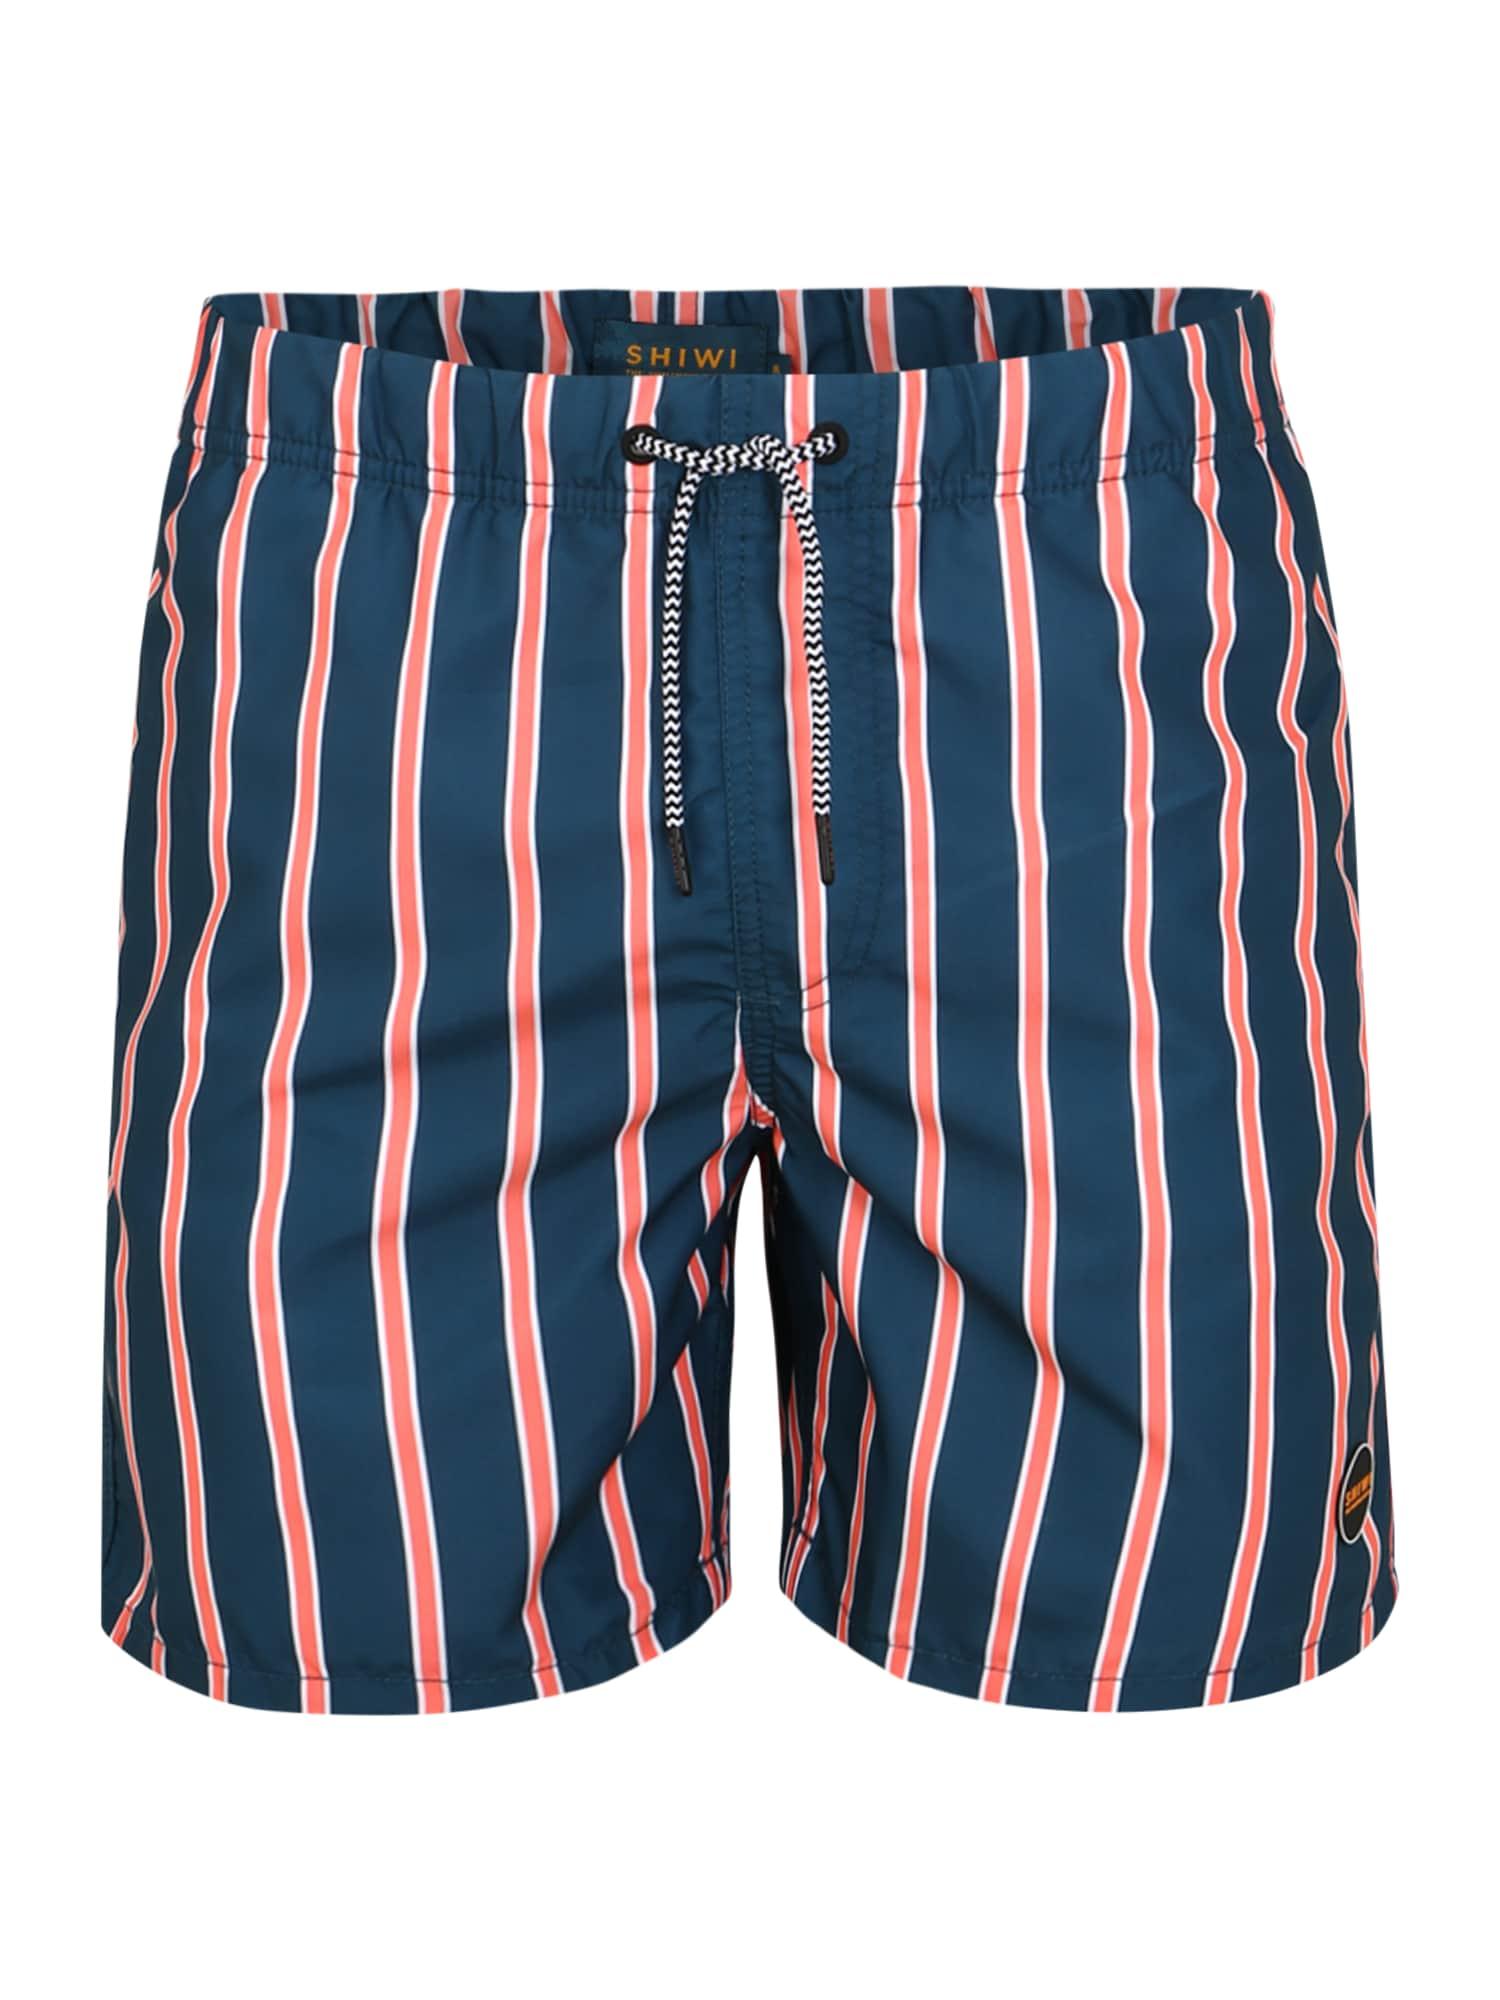 Shiwi Plavecké šortky 'urban stripe'  oranžovo červená / modré